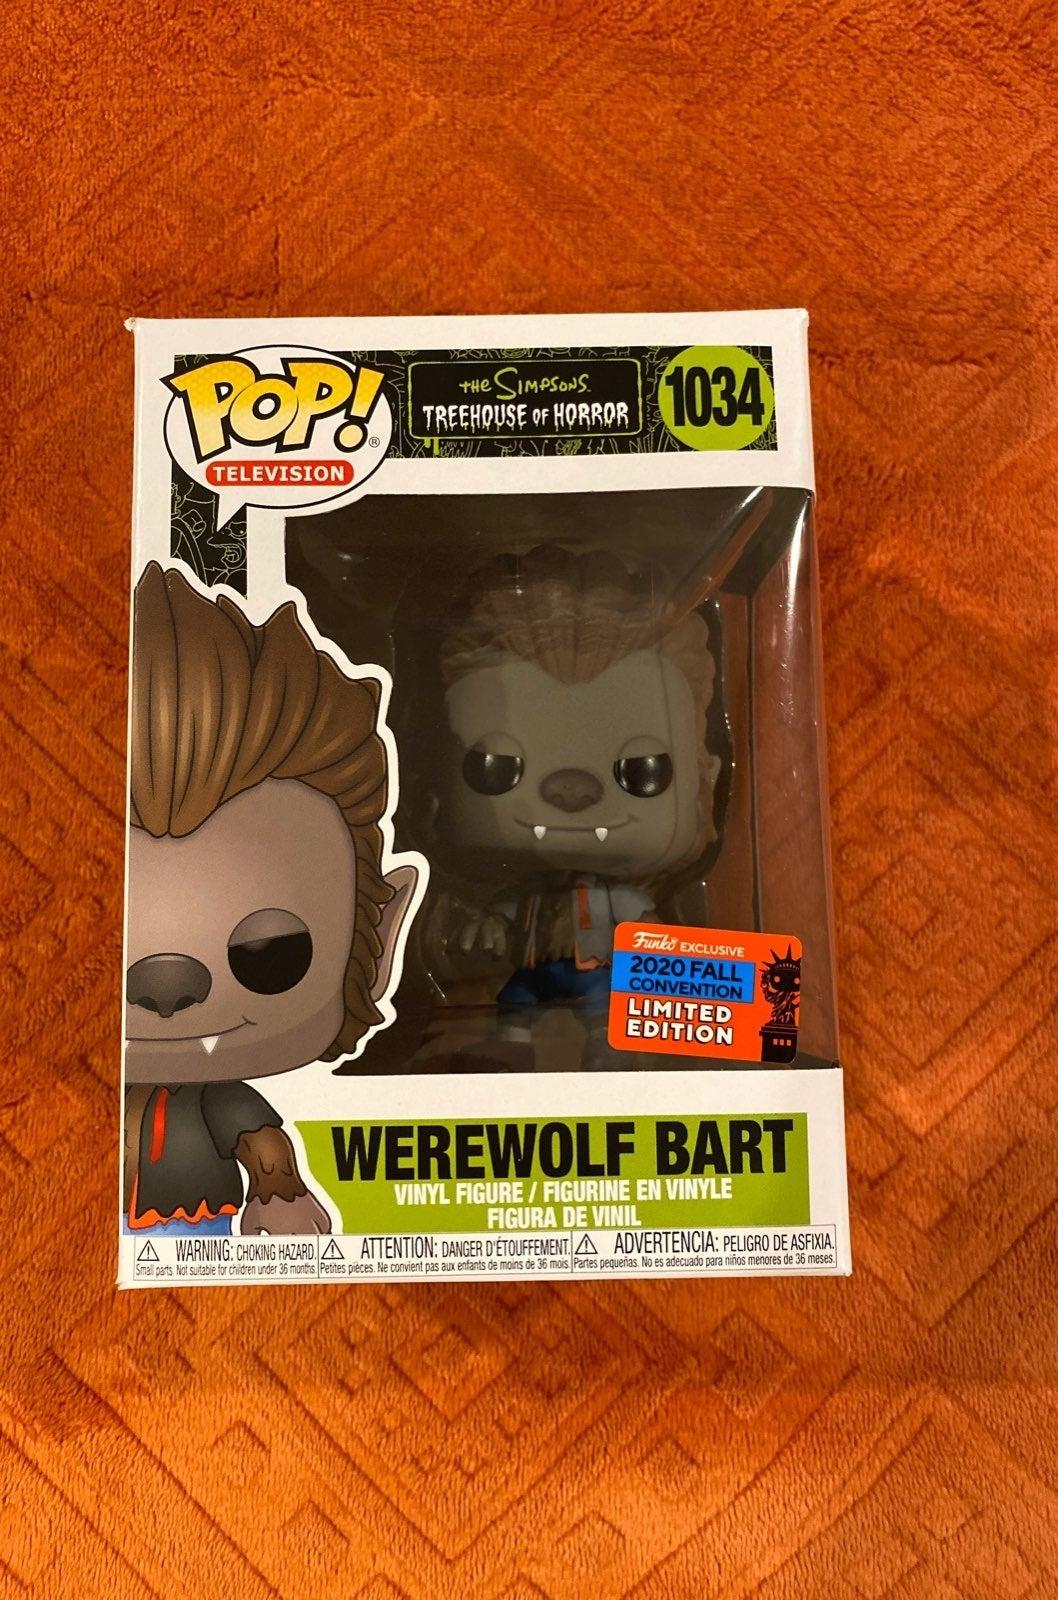 Funko Pop Werewolf Bart Limited Edition